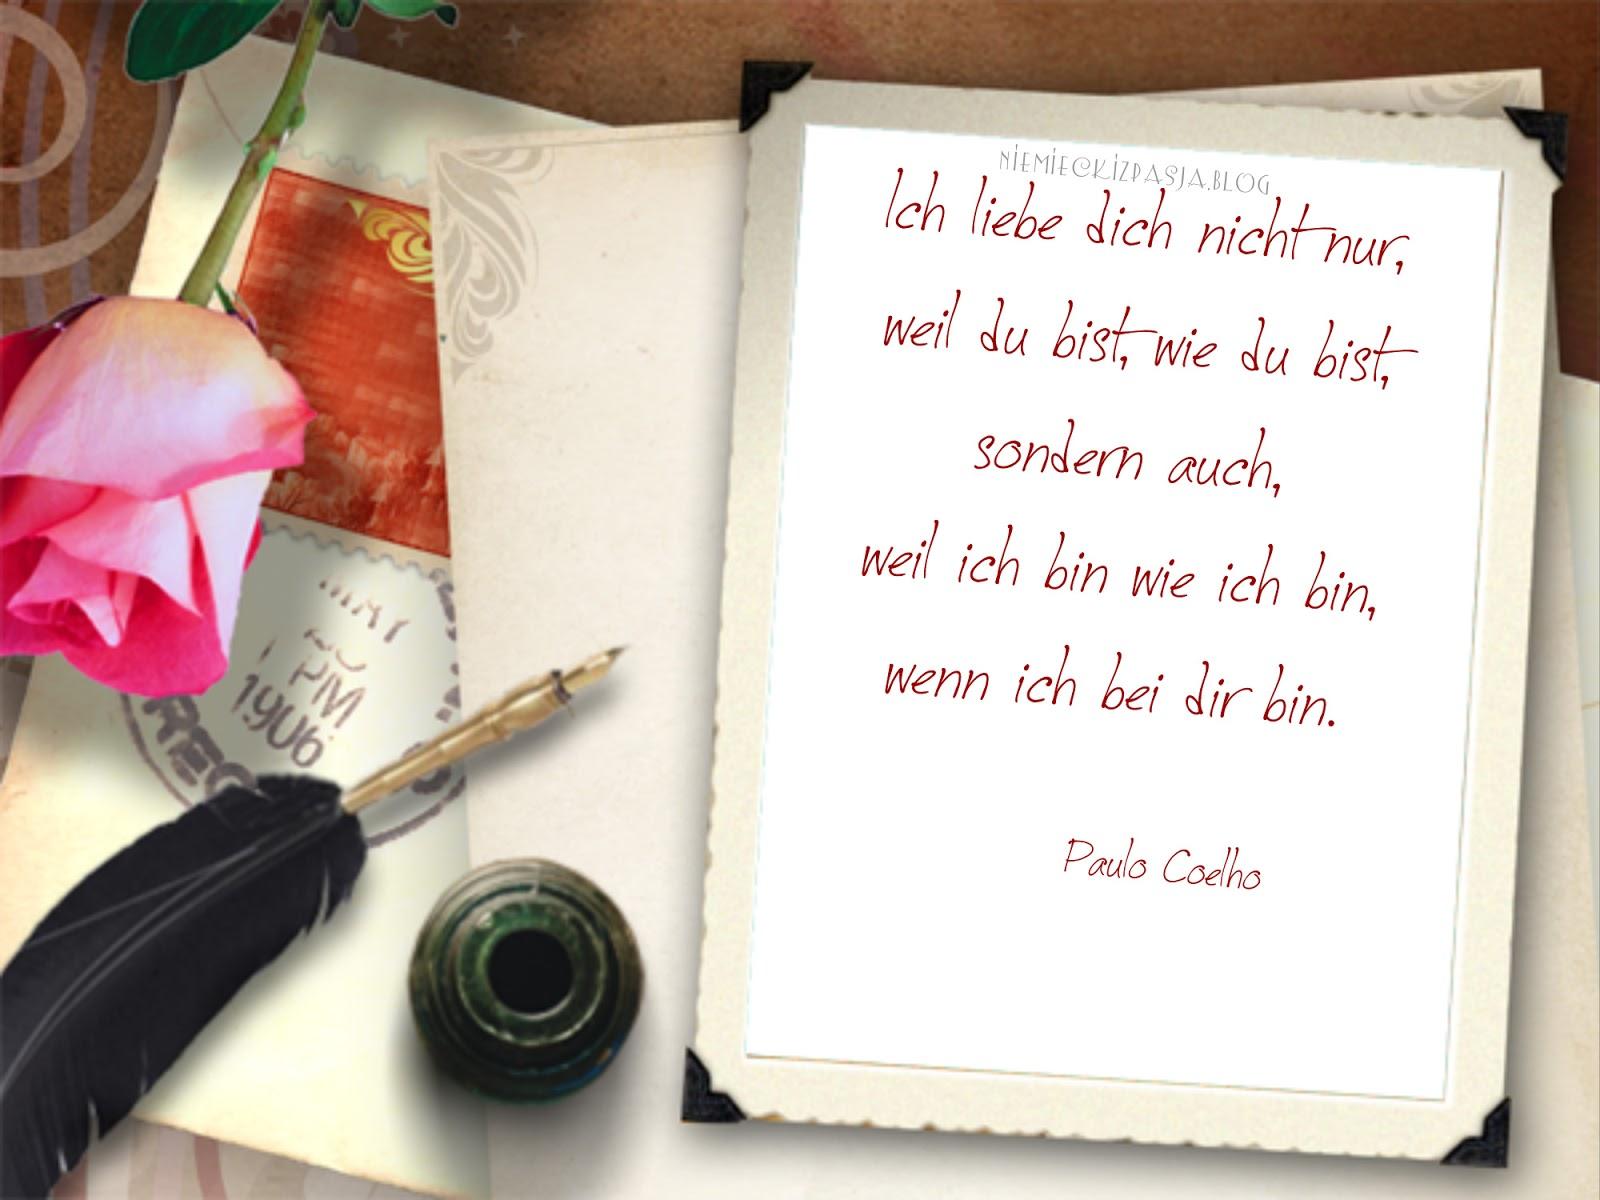 Miłosne Wierszyki Walentynkowe Cytaty O Milości Po Niemiecku